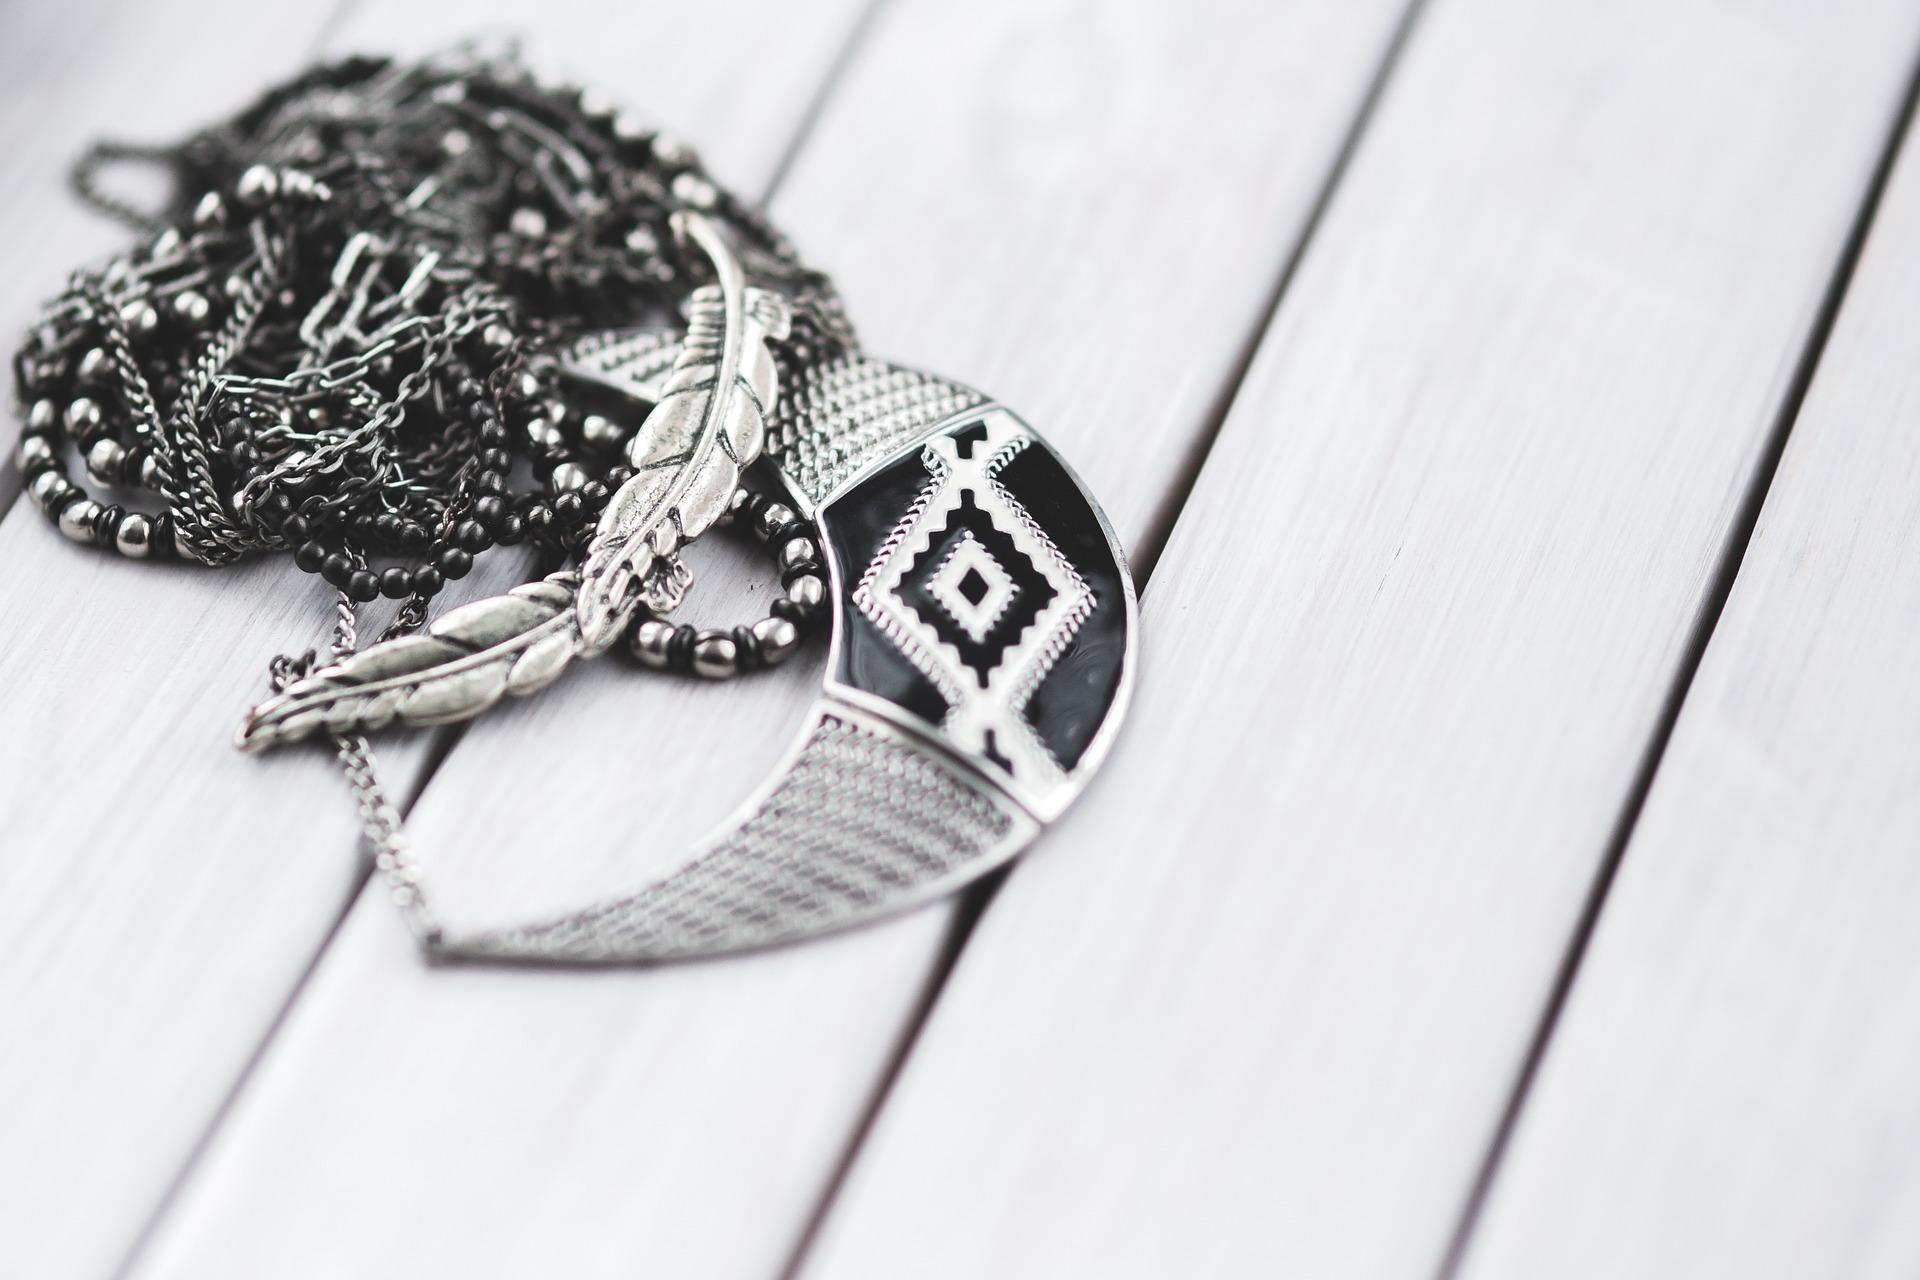 Los collares de plata vuelven a ser tendencia esta temporada.